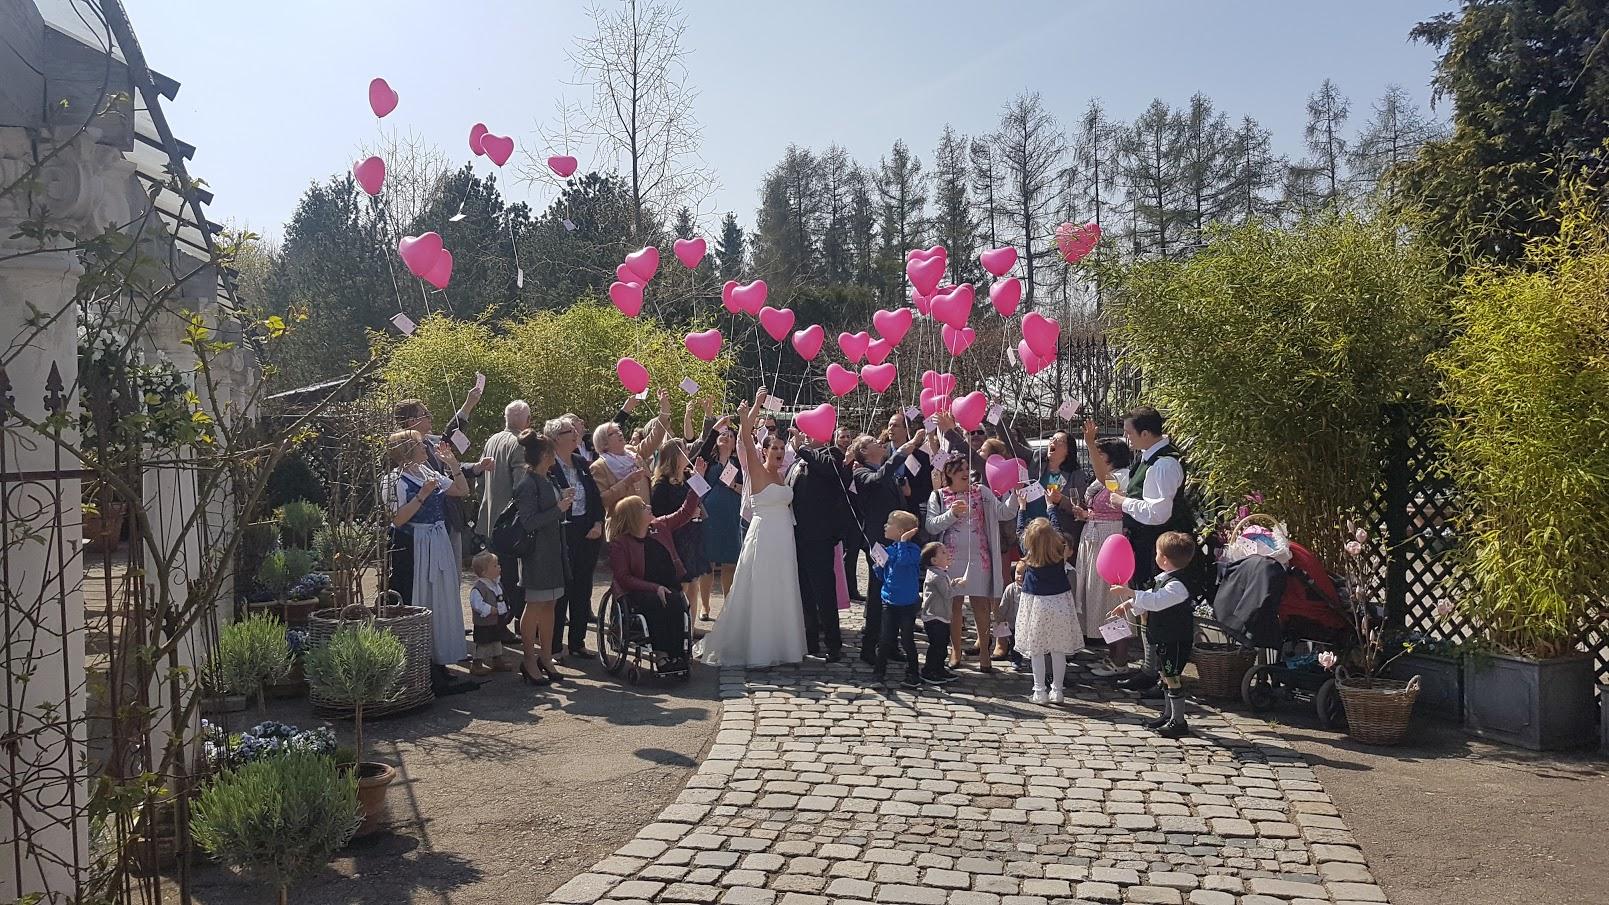 Thirst Wedding 2017 - Alte Gärtnerei - April 2017